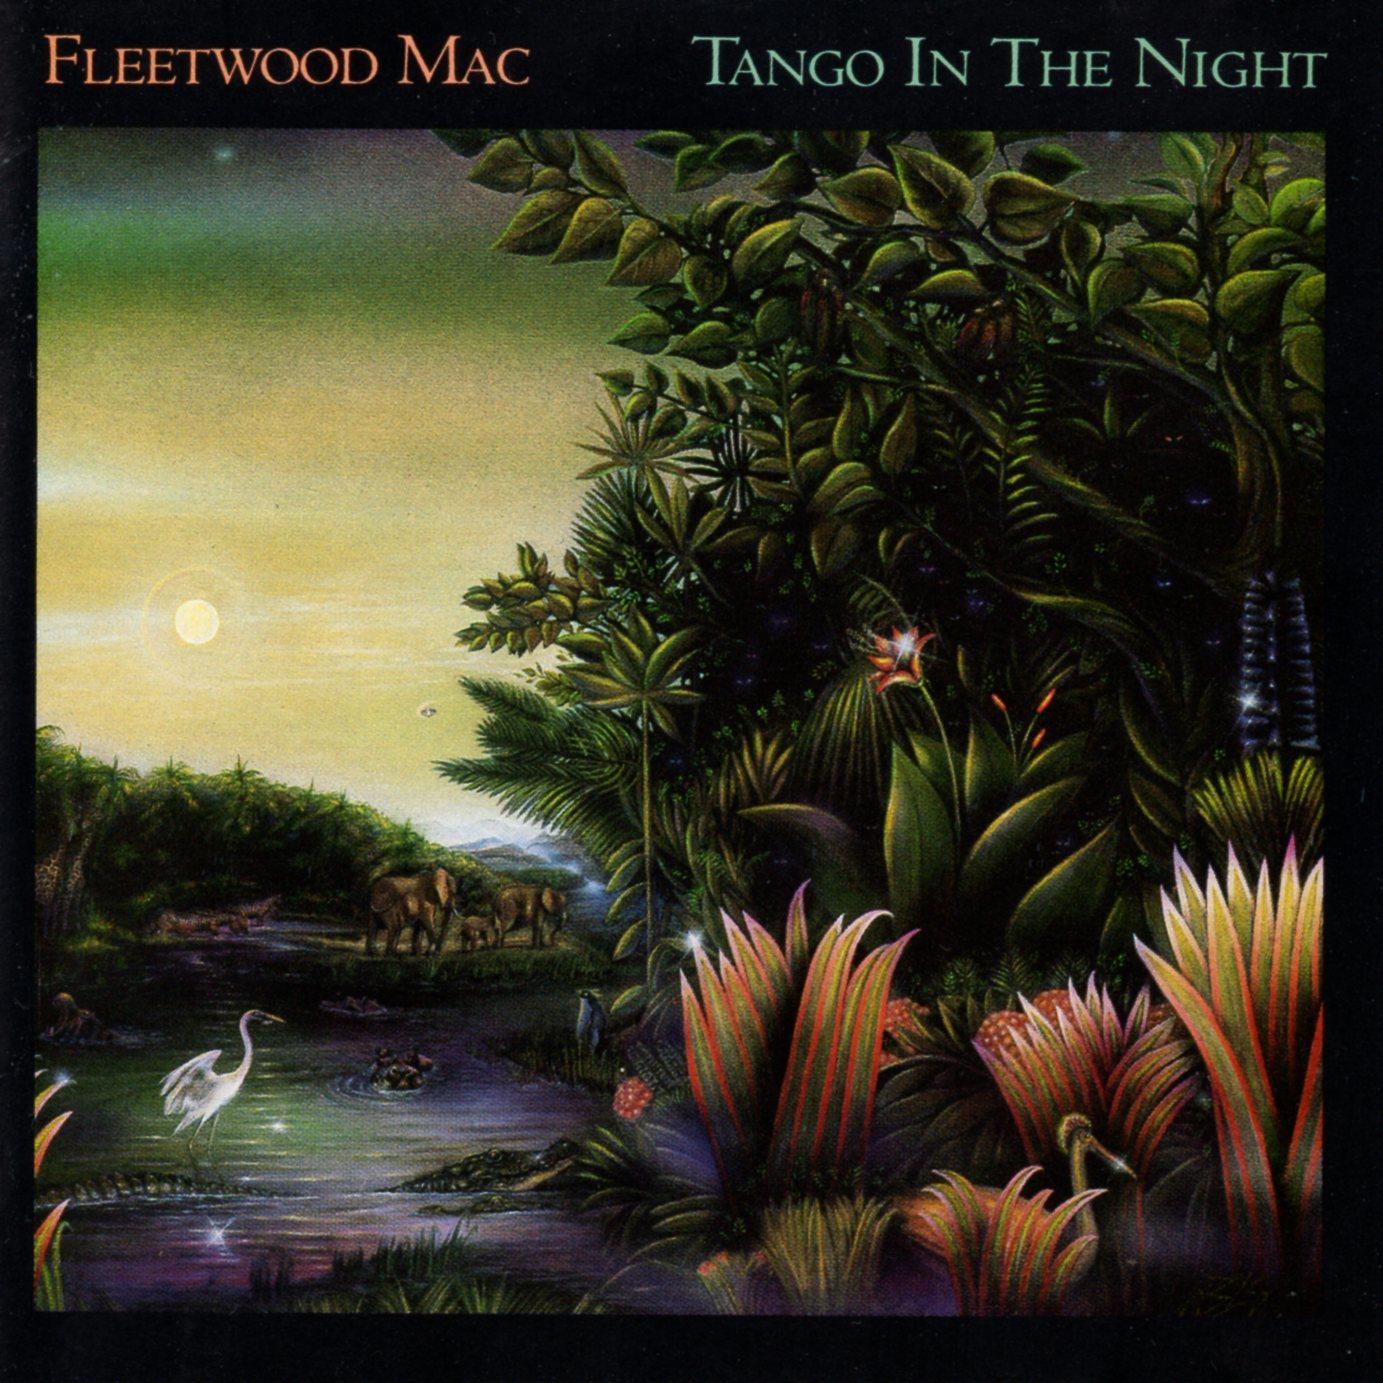 Fleetwood Mac - Tango In The Night on  image